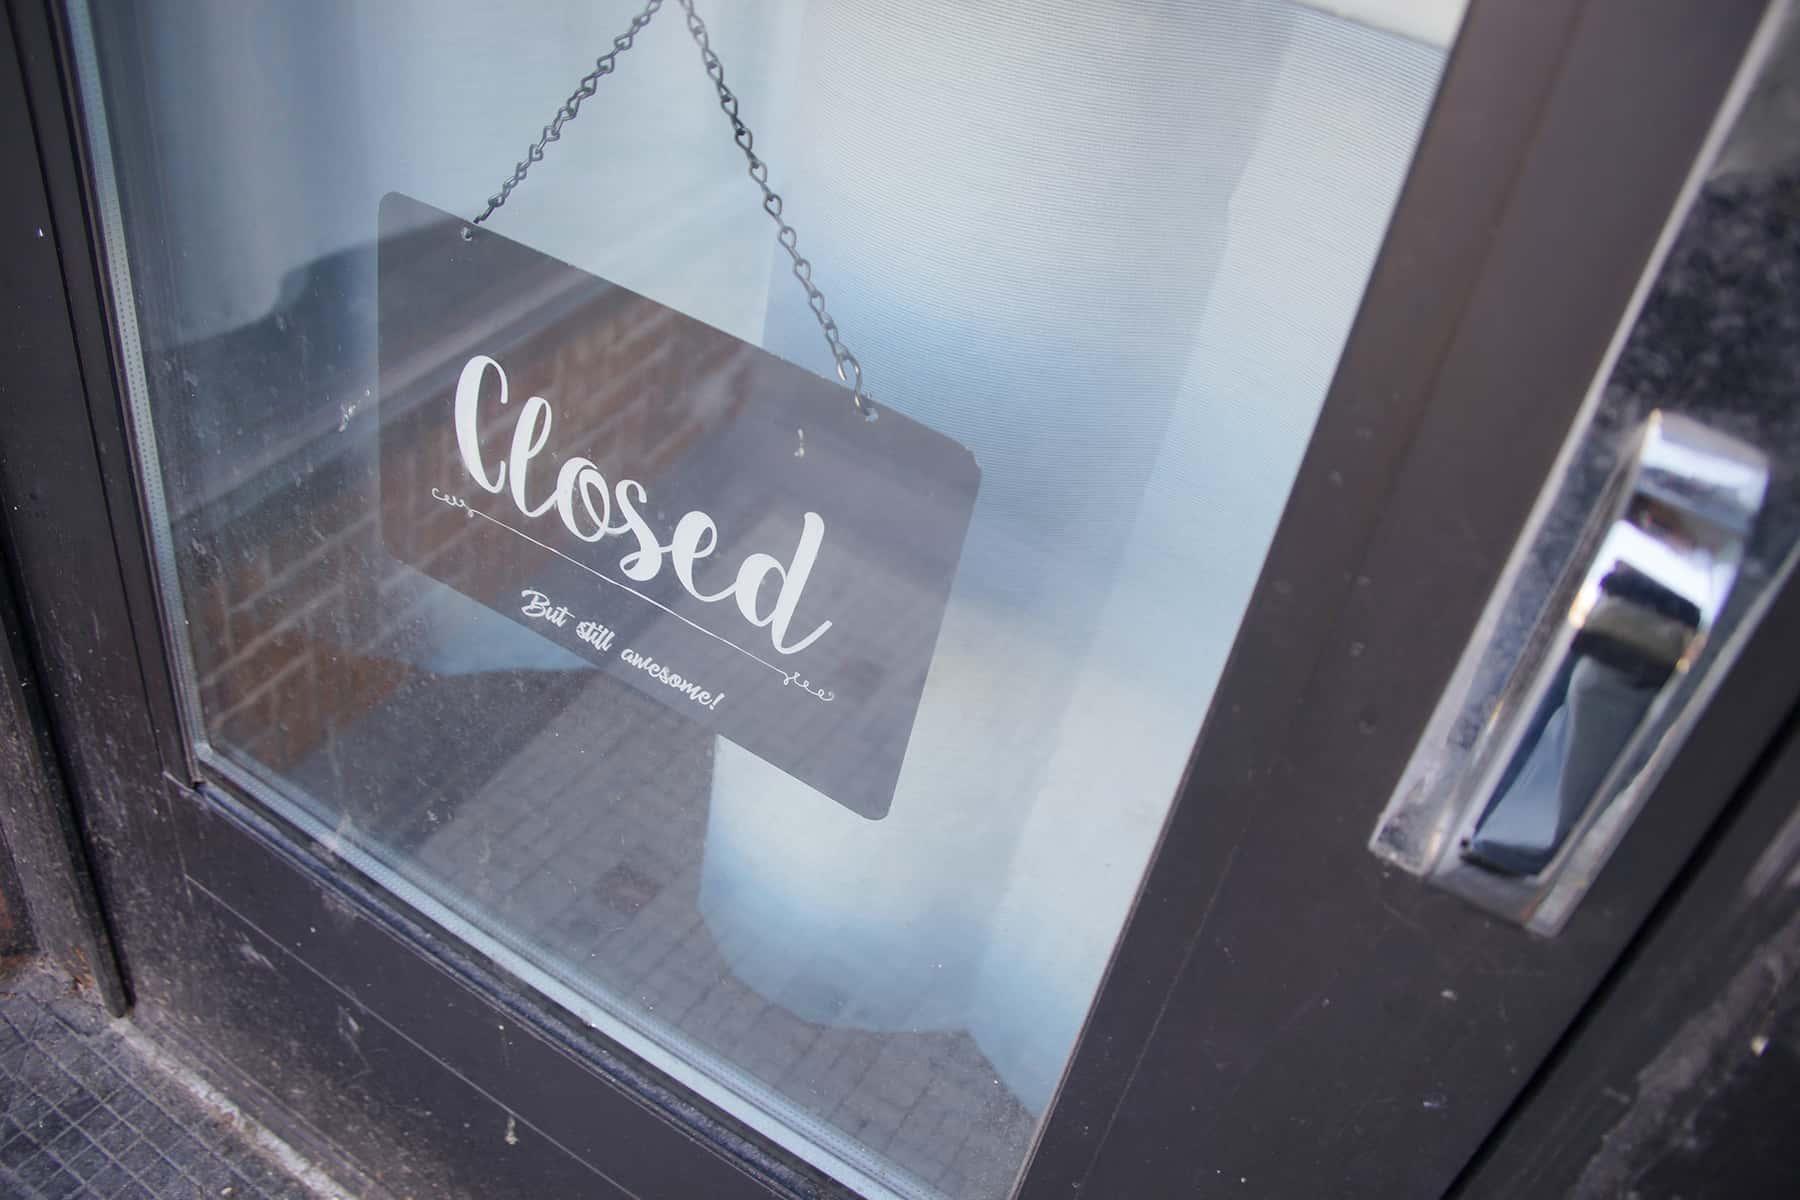 031720_closedcovid19_161